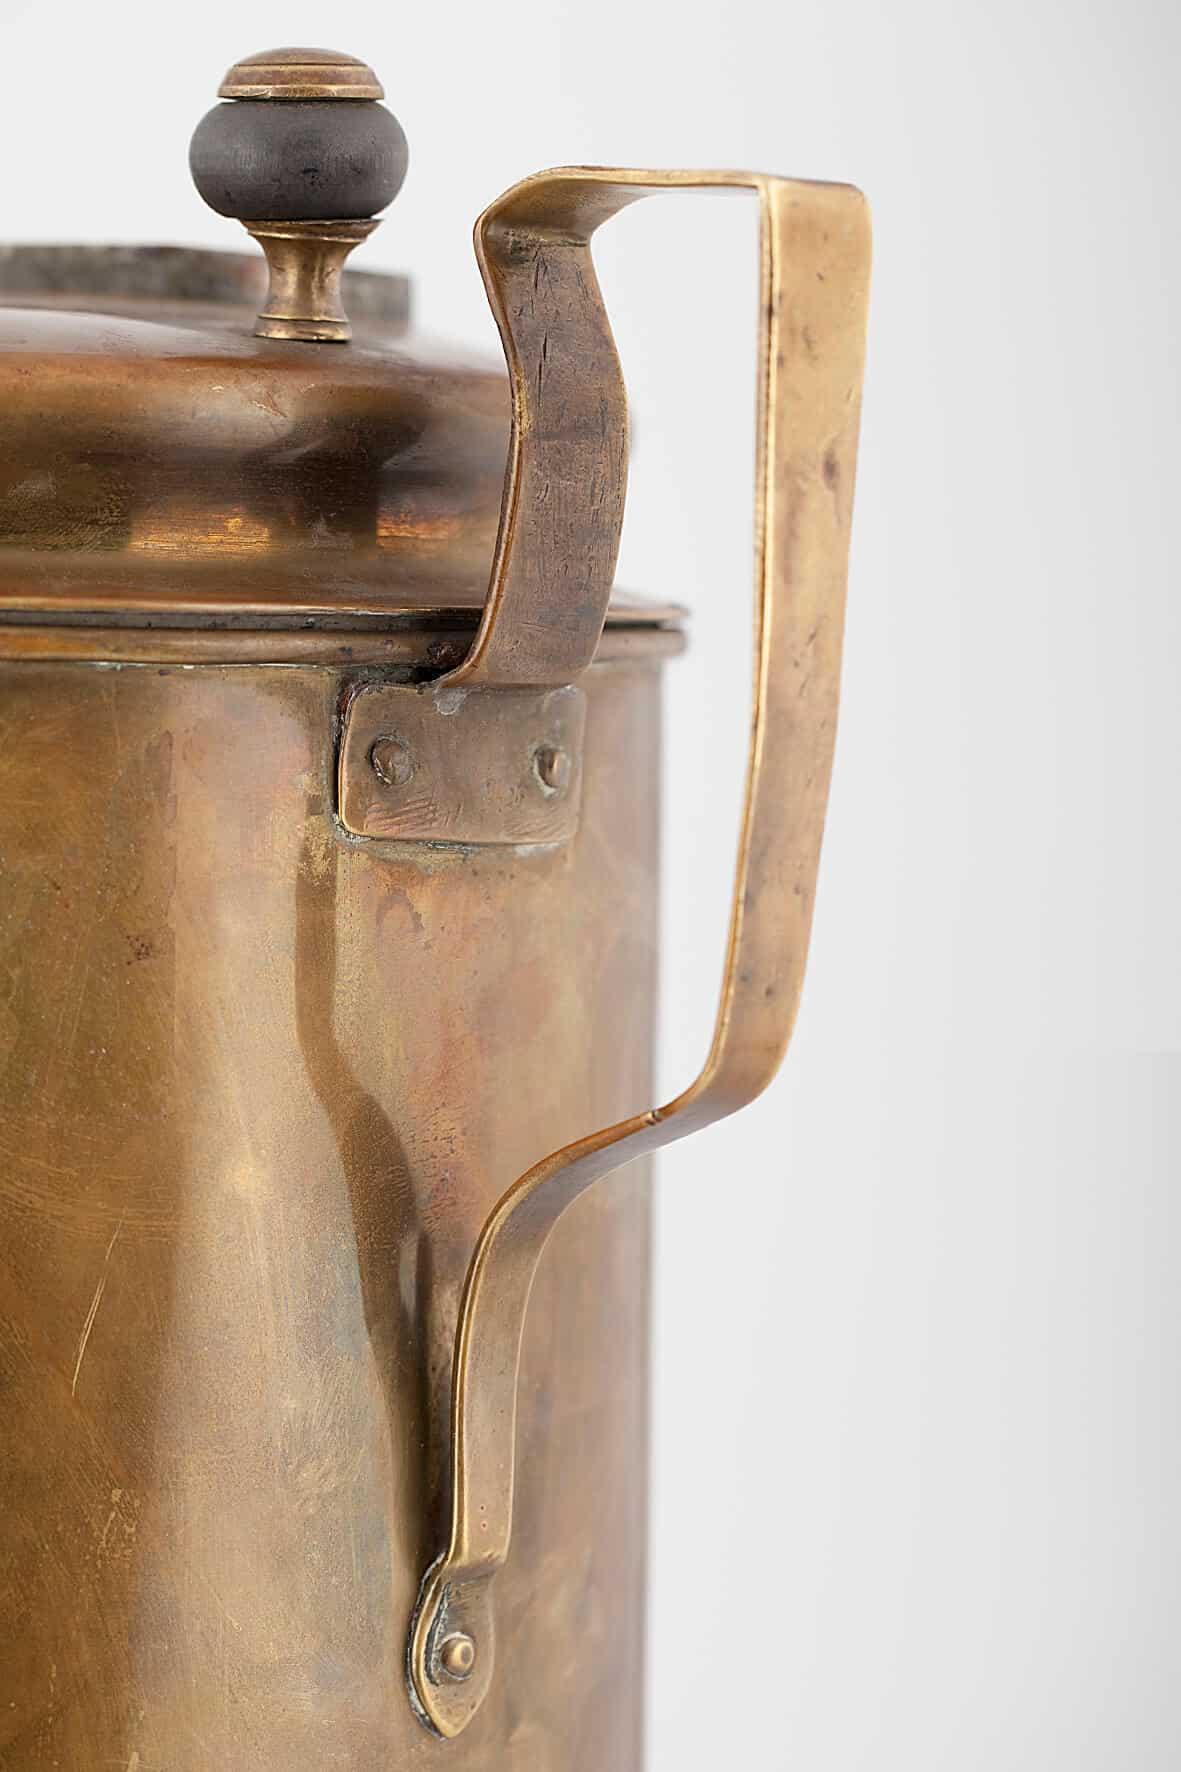 КБ 421 | Самовар-кофейник с рамой для мешочка | Музей самоваров и бульоток